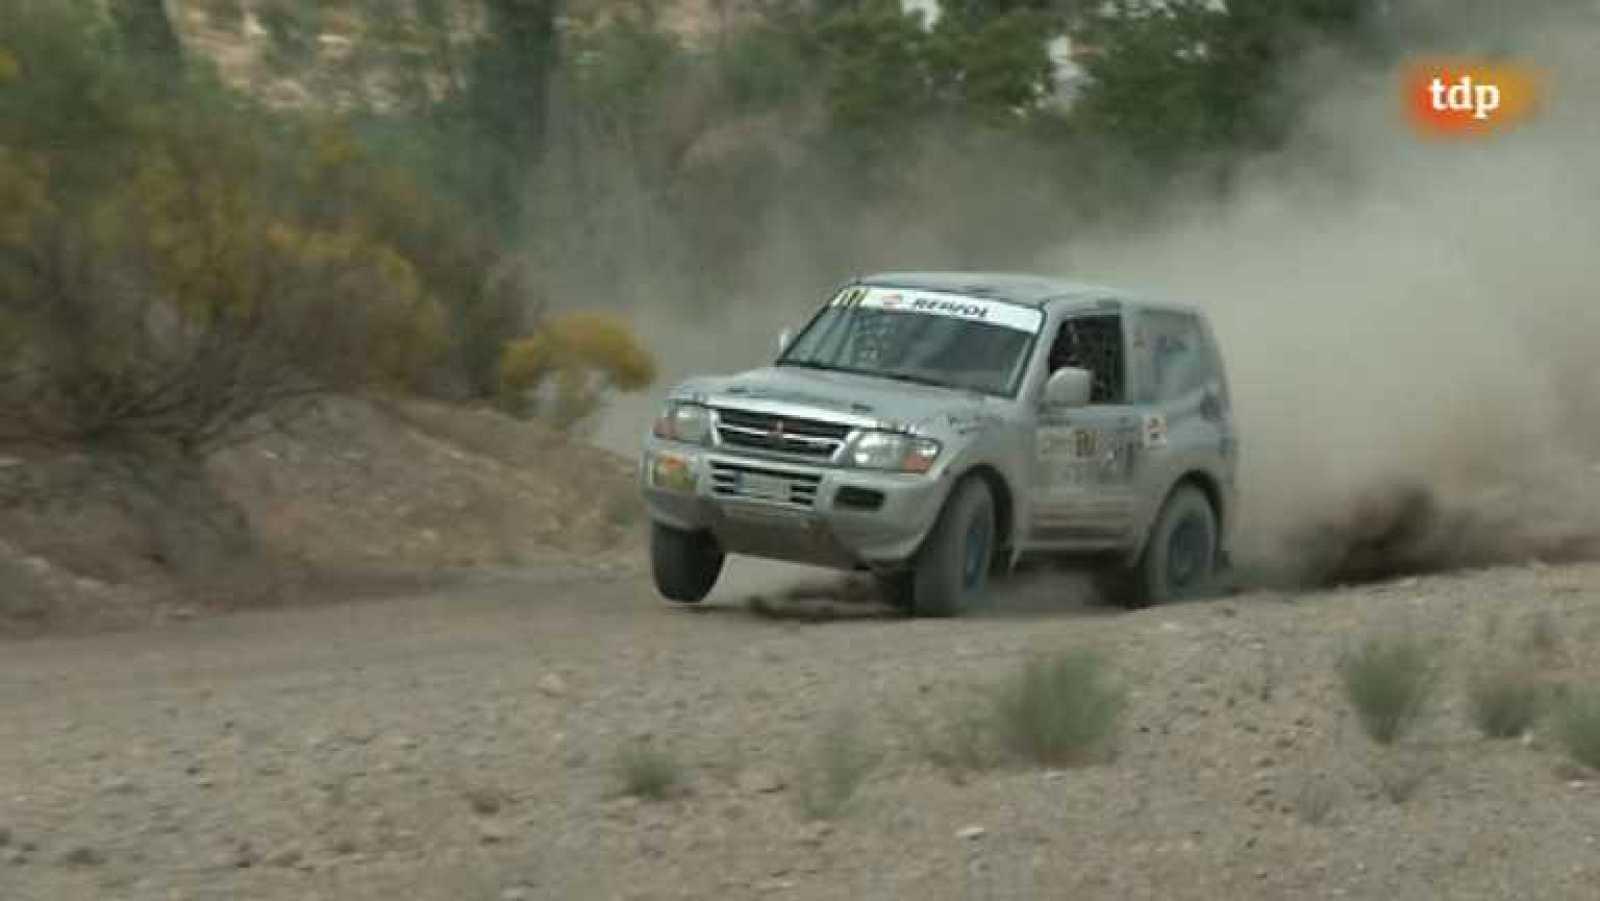 Automovilismo - Campeonato de España Rallye todo terreno Andalucía - Verahora